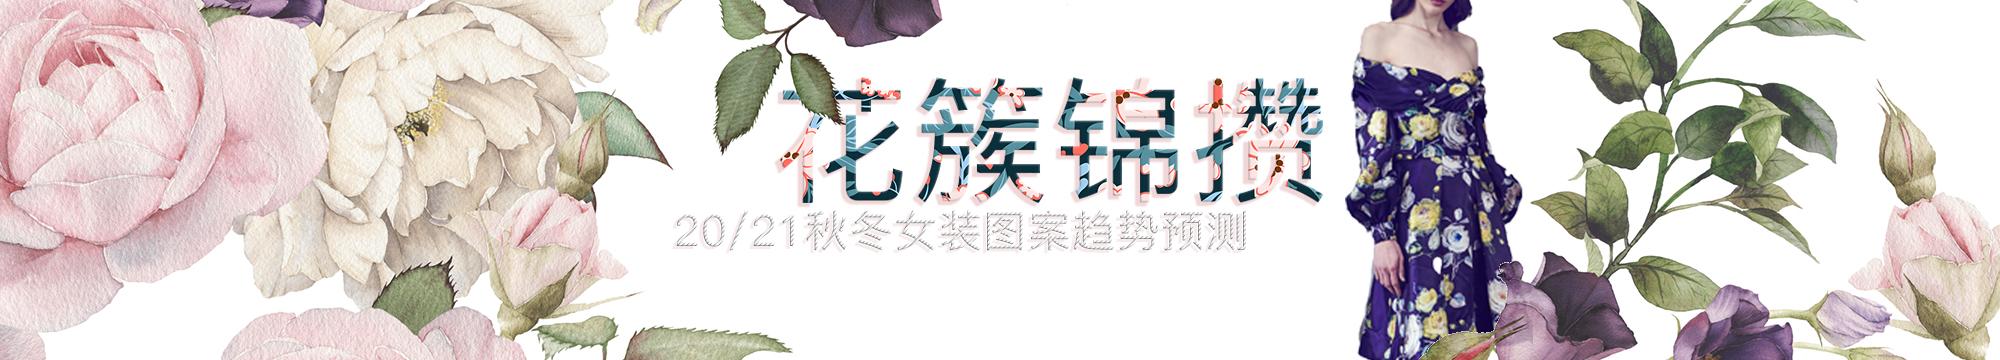 20/21秋冬女装图案趋势预测